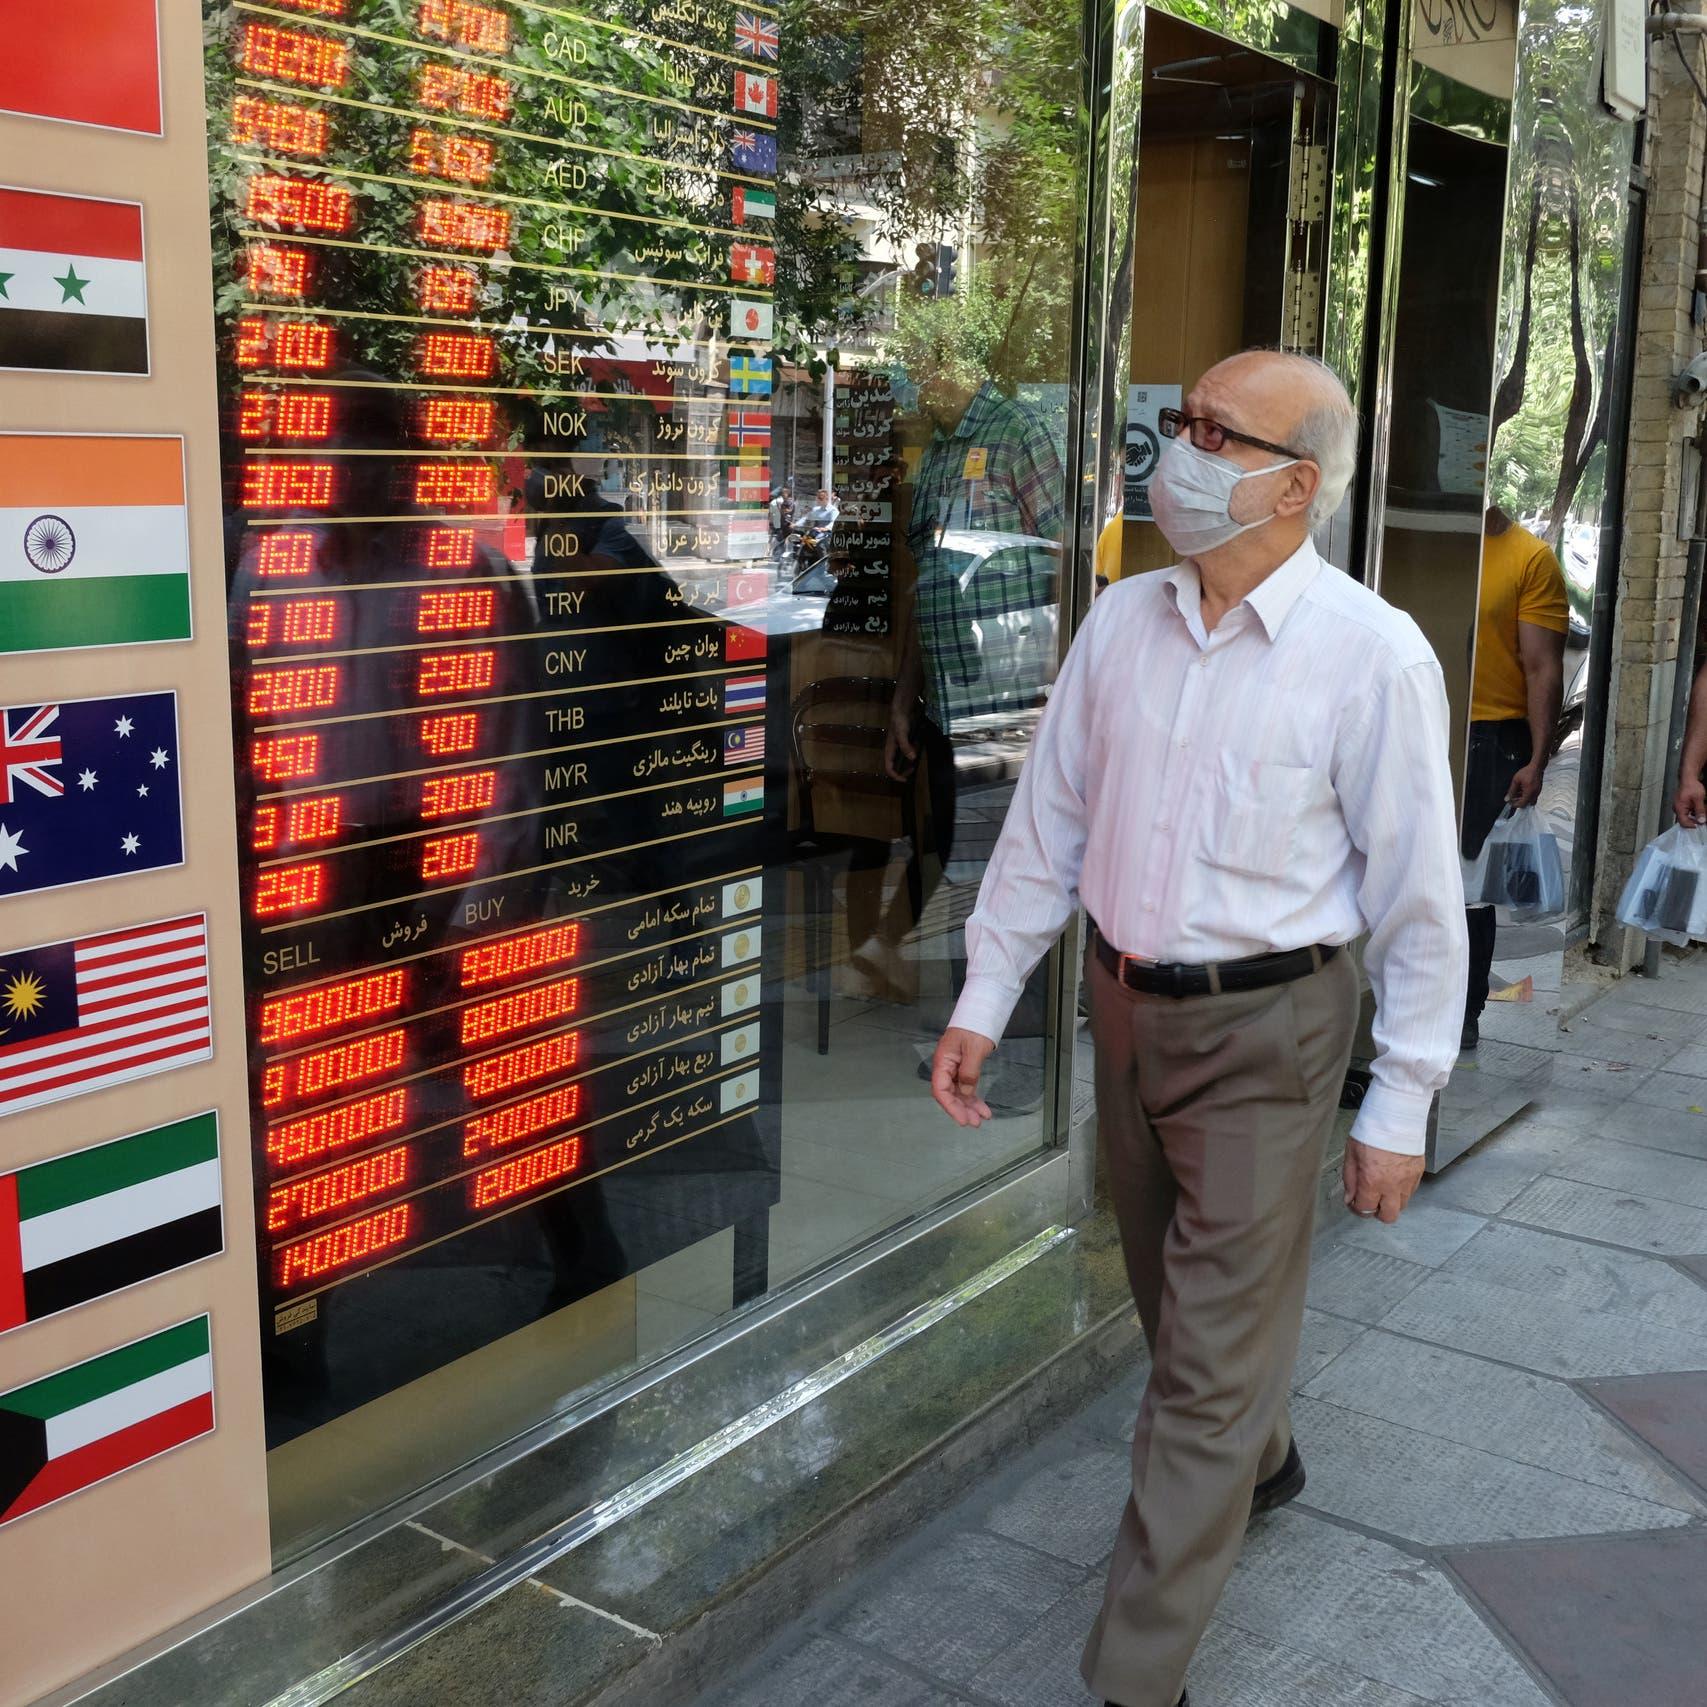 ضربتان لاقتصاد إيران.. استقالة رئيس البورصة والتضخم عند 46%